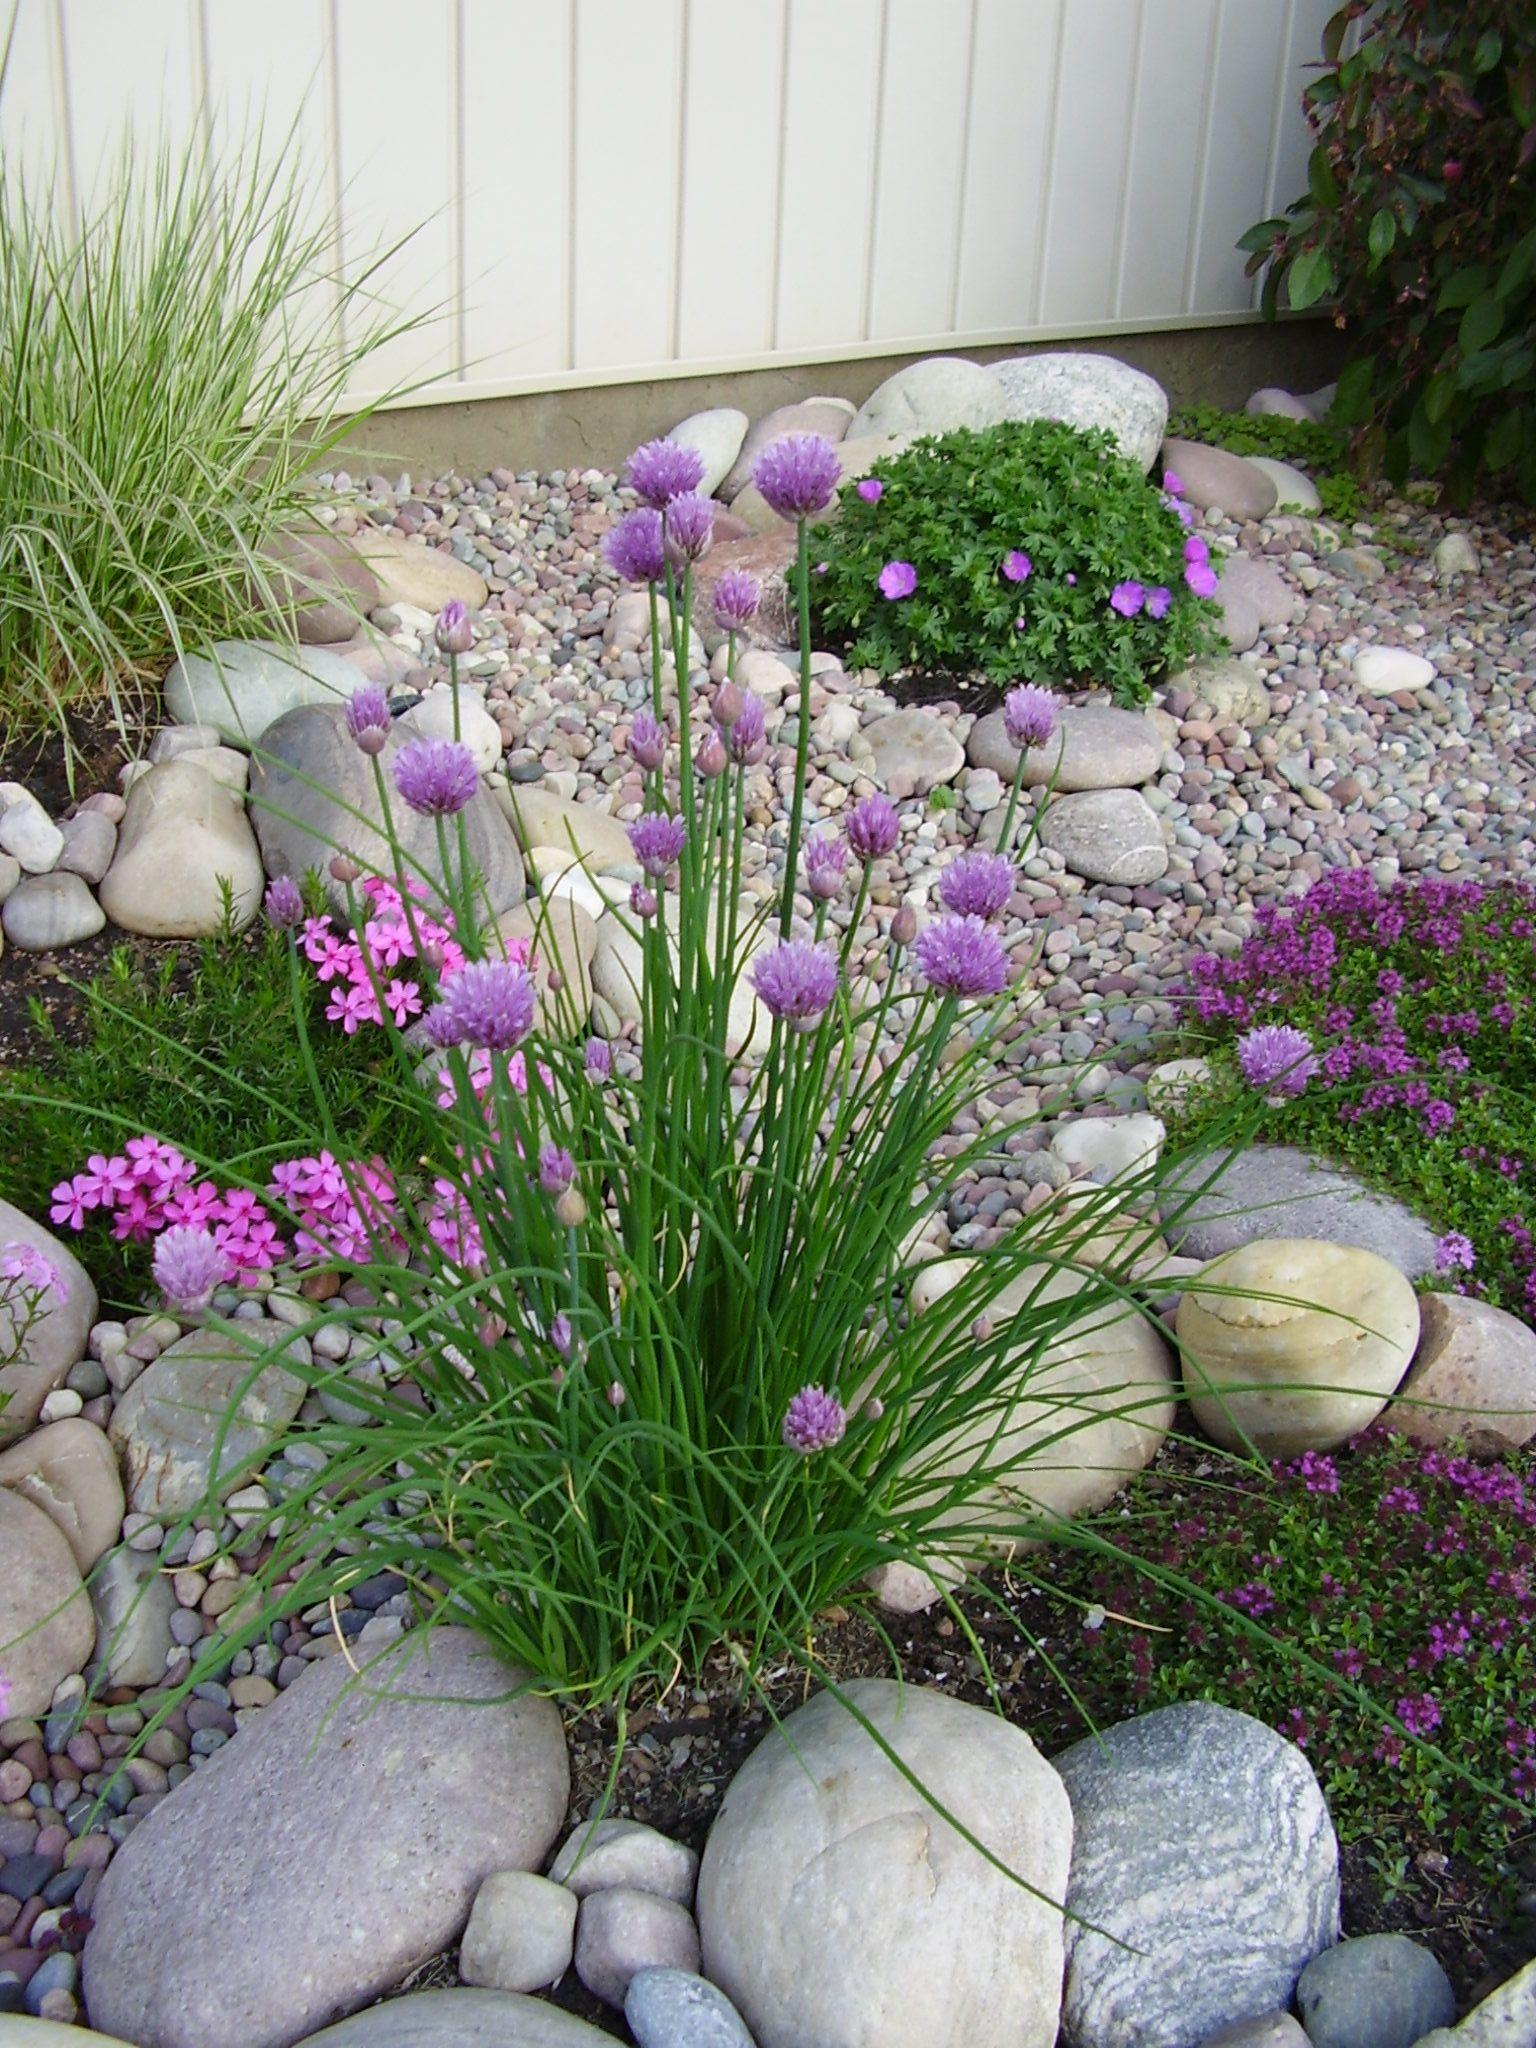 Cebollino al frente con Geranium 'Max Frei' en el fondo: hermoso montículo organizado que florecerá casi todo el verano. También algo de Phlox rosado en las rocas. - sandy